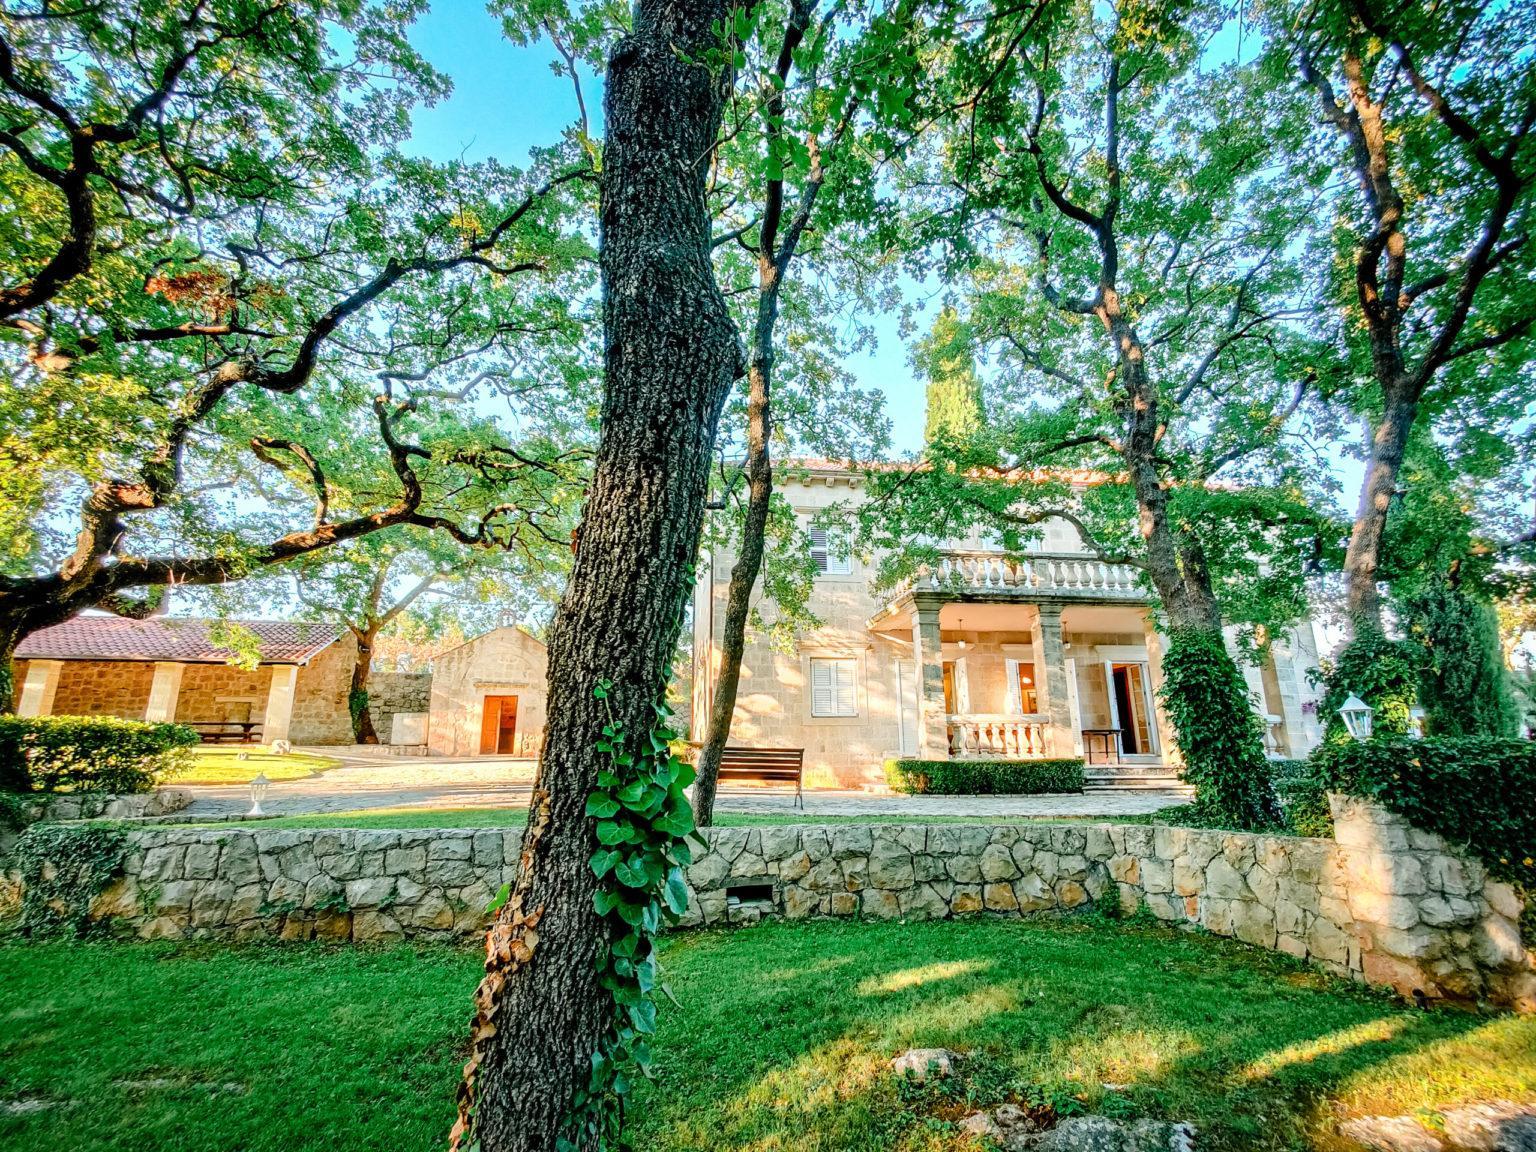 hochzeitslocation Kroatien location heiraten hochzeit 9 scaled - Gartenvilla